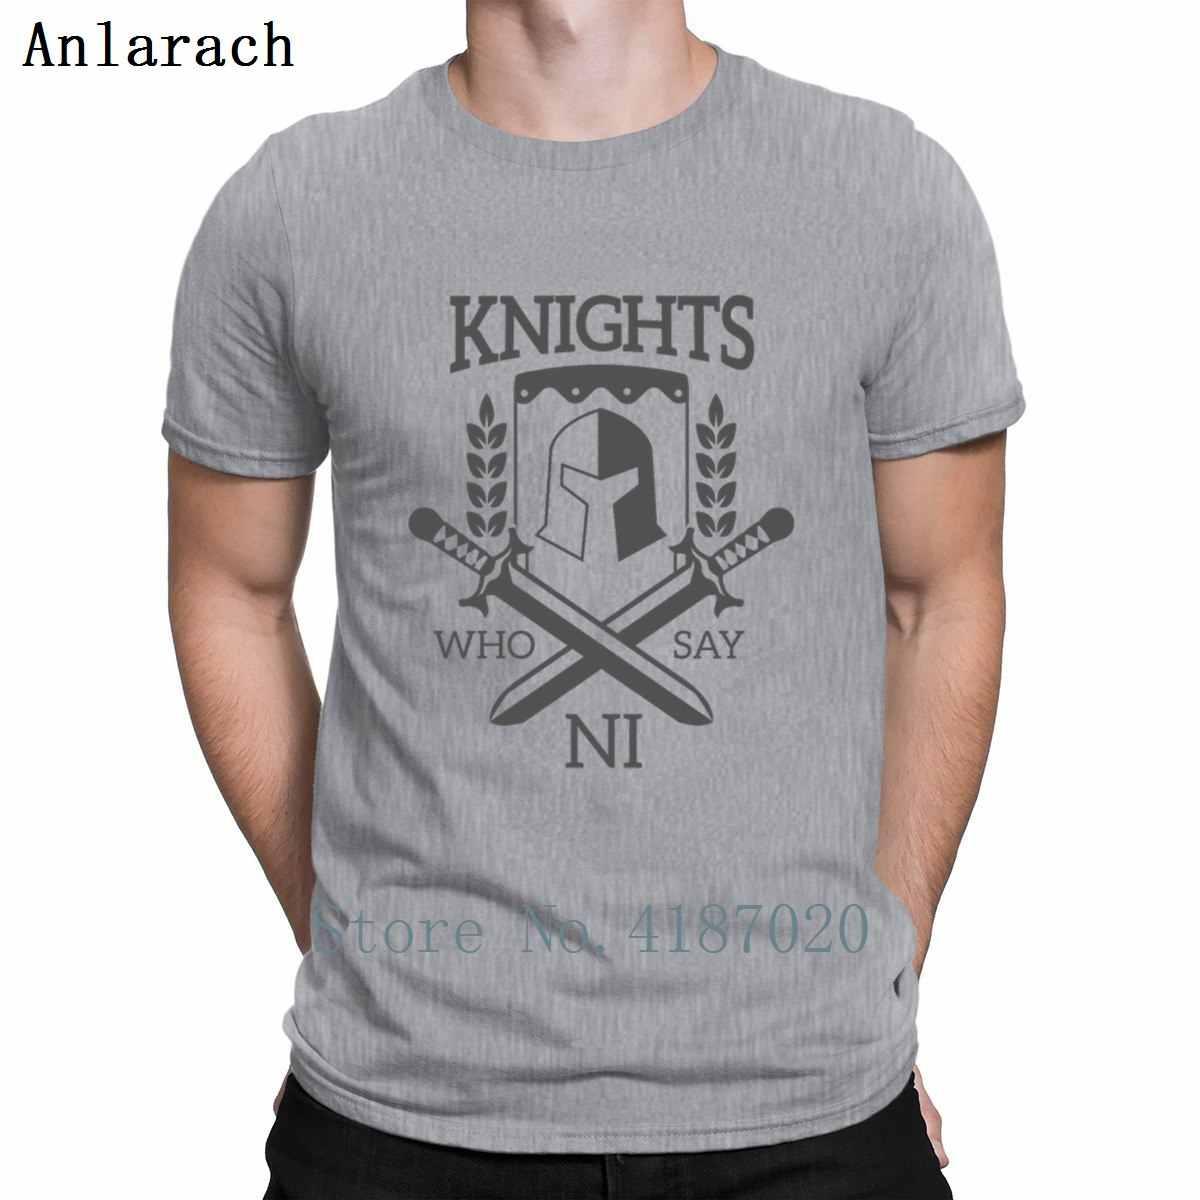 Рыцари Монти Пайтон, кто говорит Ni футболка печати летний отдых футболка для Для мужчин новый мужской Размеры S-3xl милые